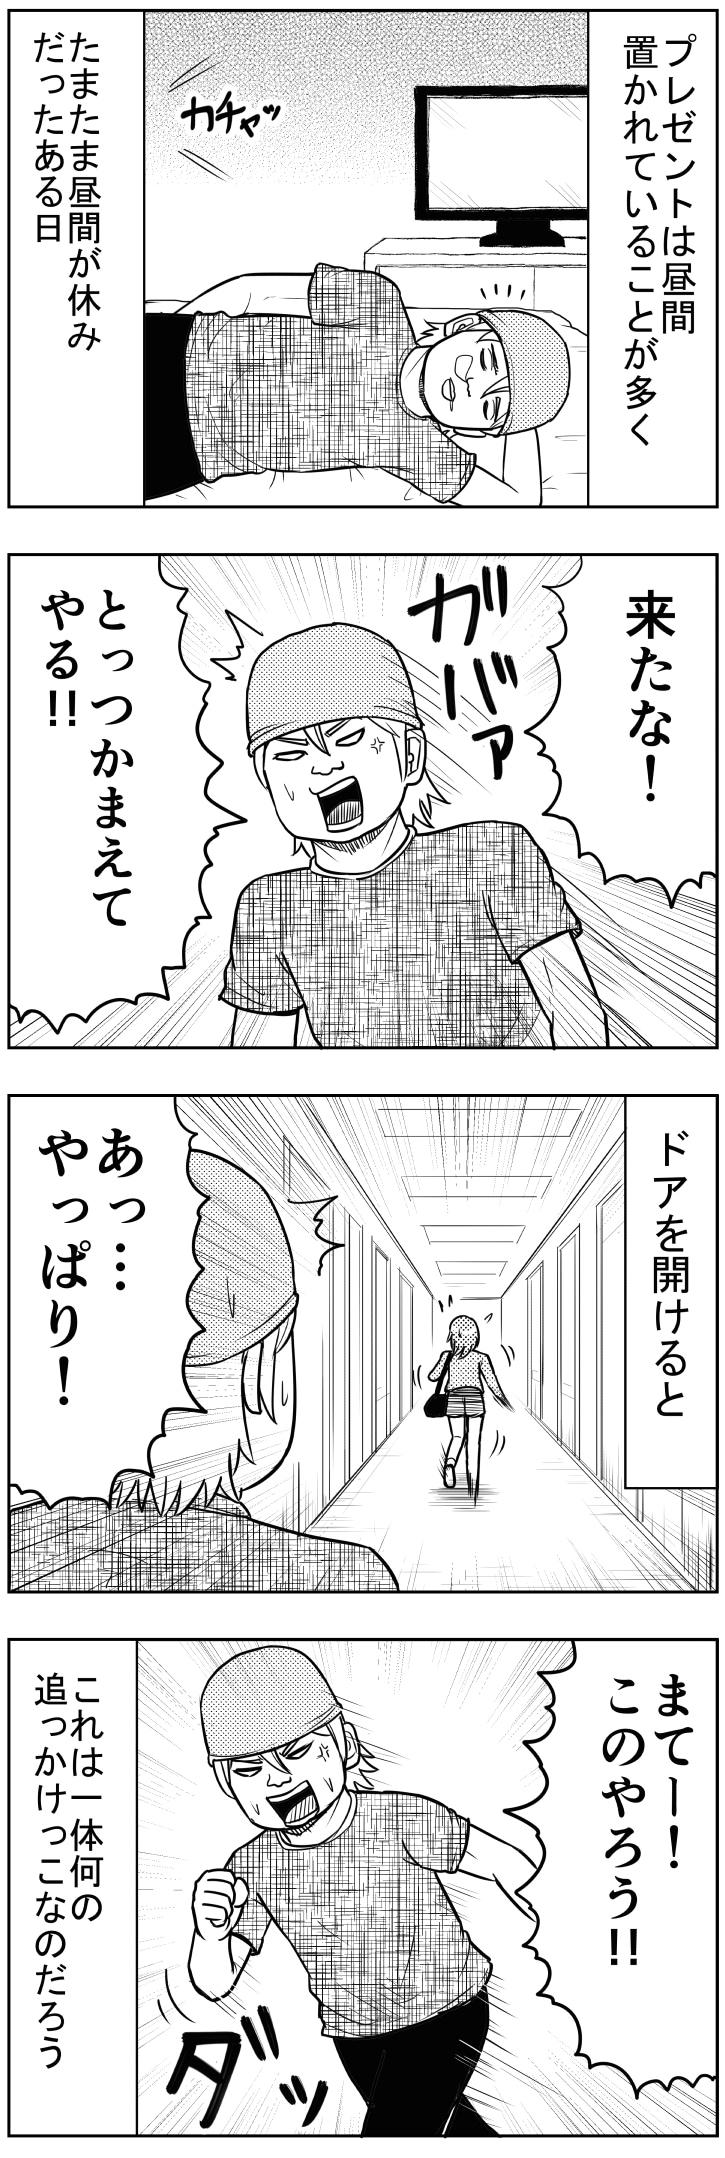 謎の追いかけっこ【漫画~キヒロの青春】63